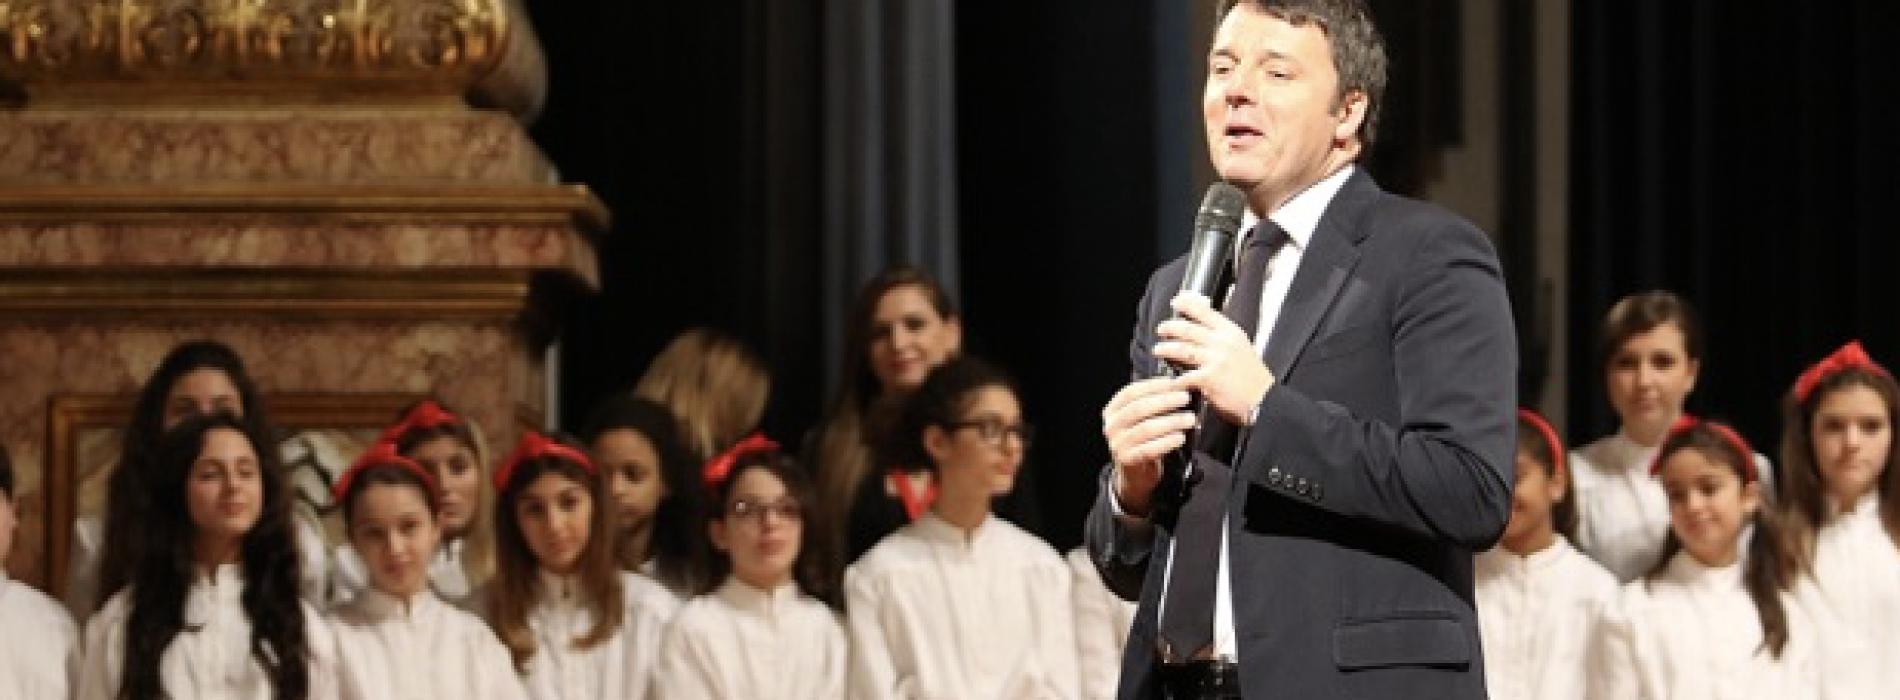 Confermato. Il premier Renzi va a scuola a San Tammaro